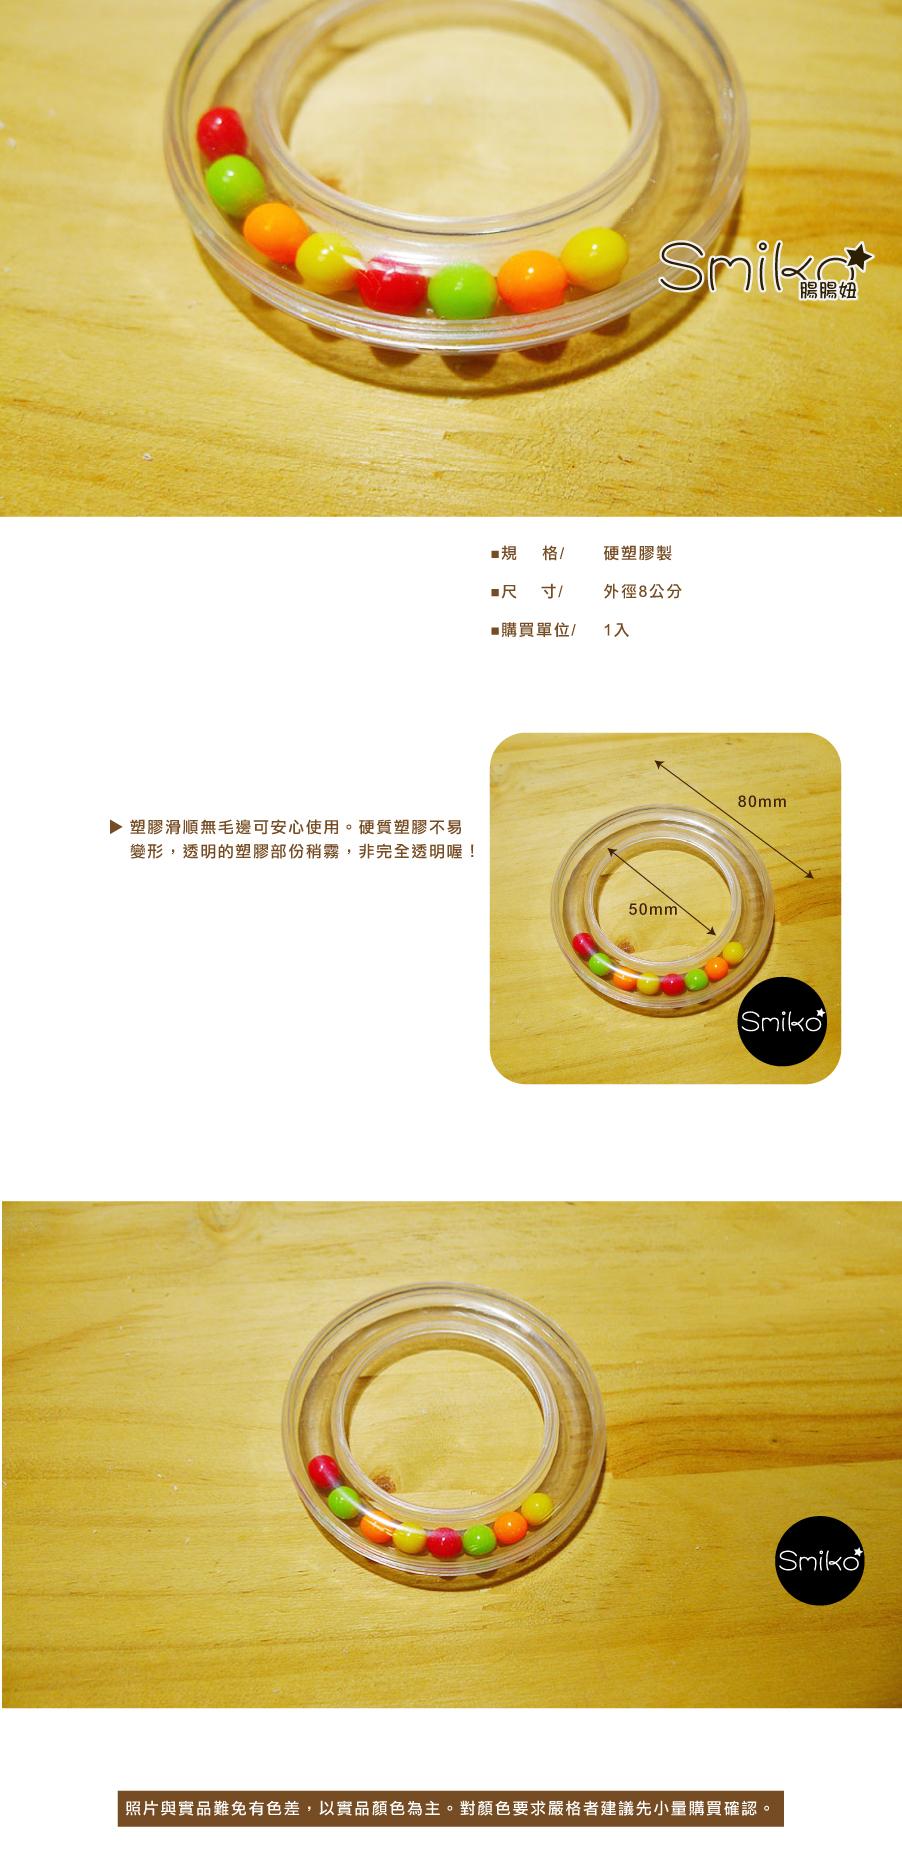 Smiko腸腸妞【5K8284】高品質手作玩偶圓環透明珠珠手搖配件材料 玩具/手作/DIY/娃娃